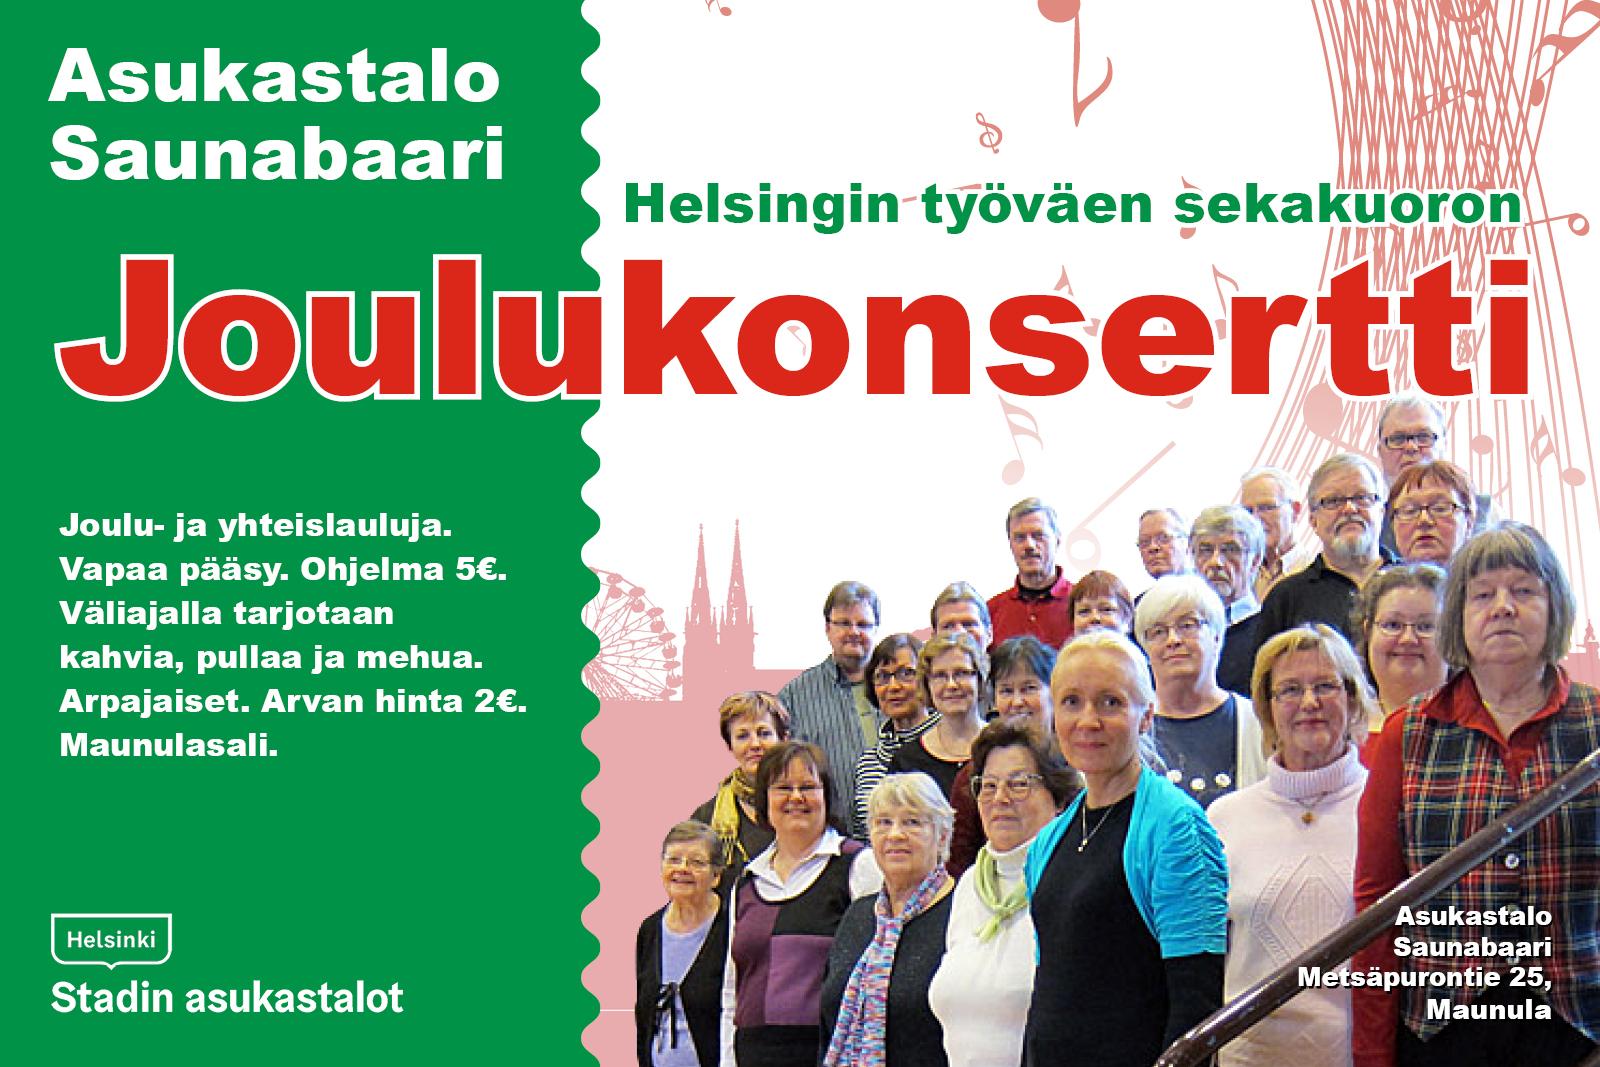 Linkki tapahtumaan Helsingin työväen sekakuoron joulukonsertti